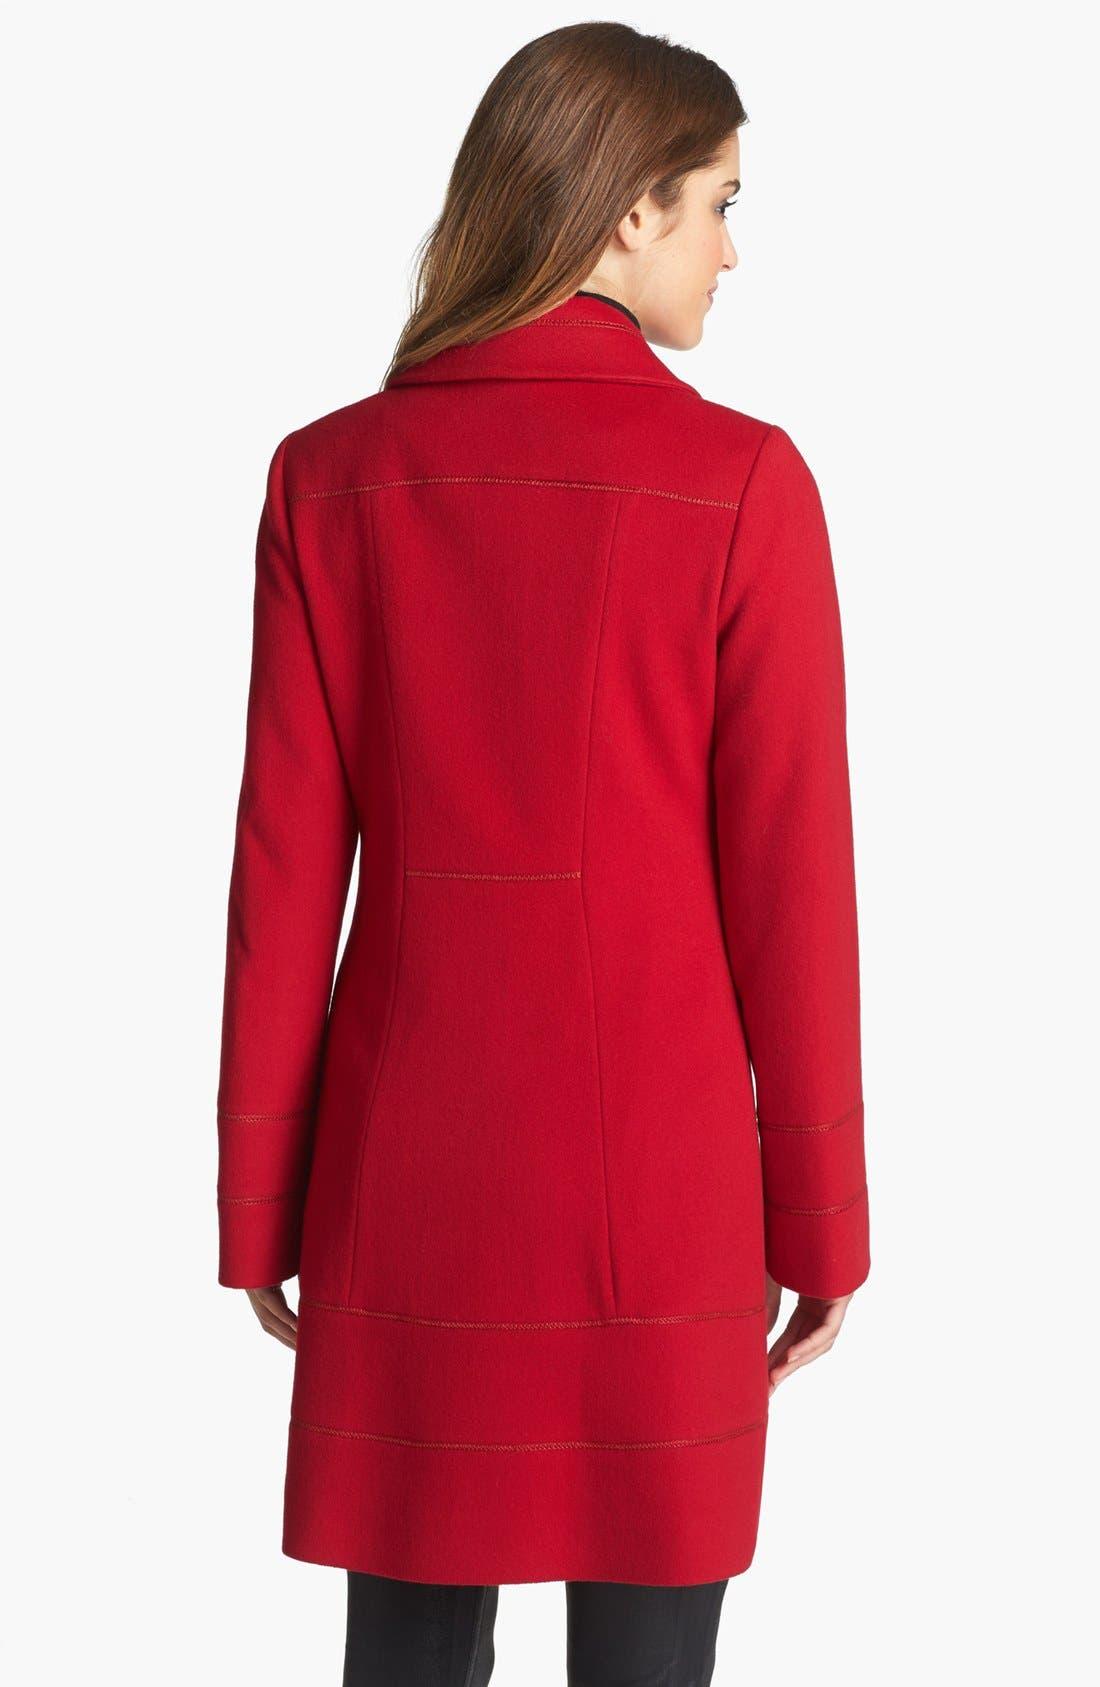 Alternate Image 2  - Fleurette Stitch Trim Loro Piana Wool Coat (Petite)